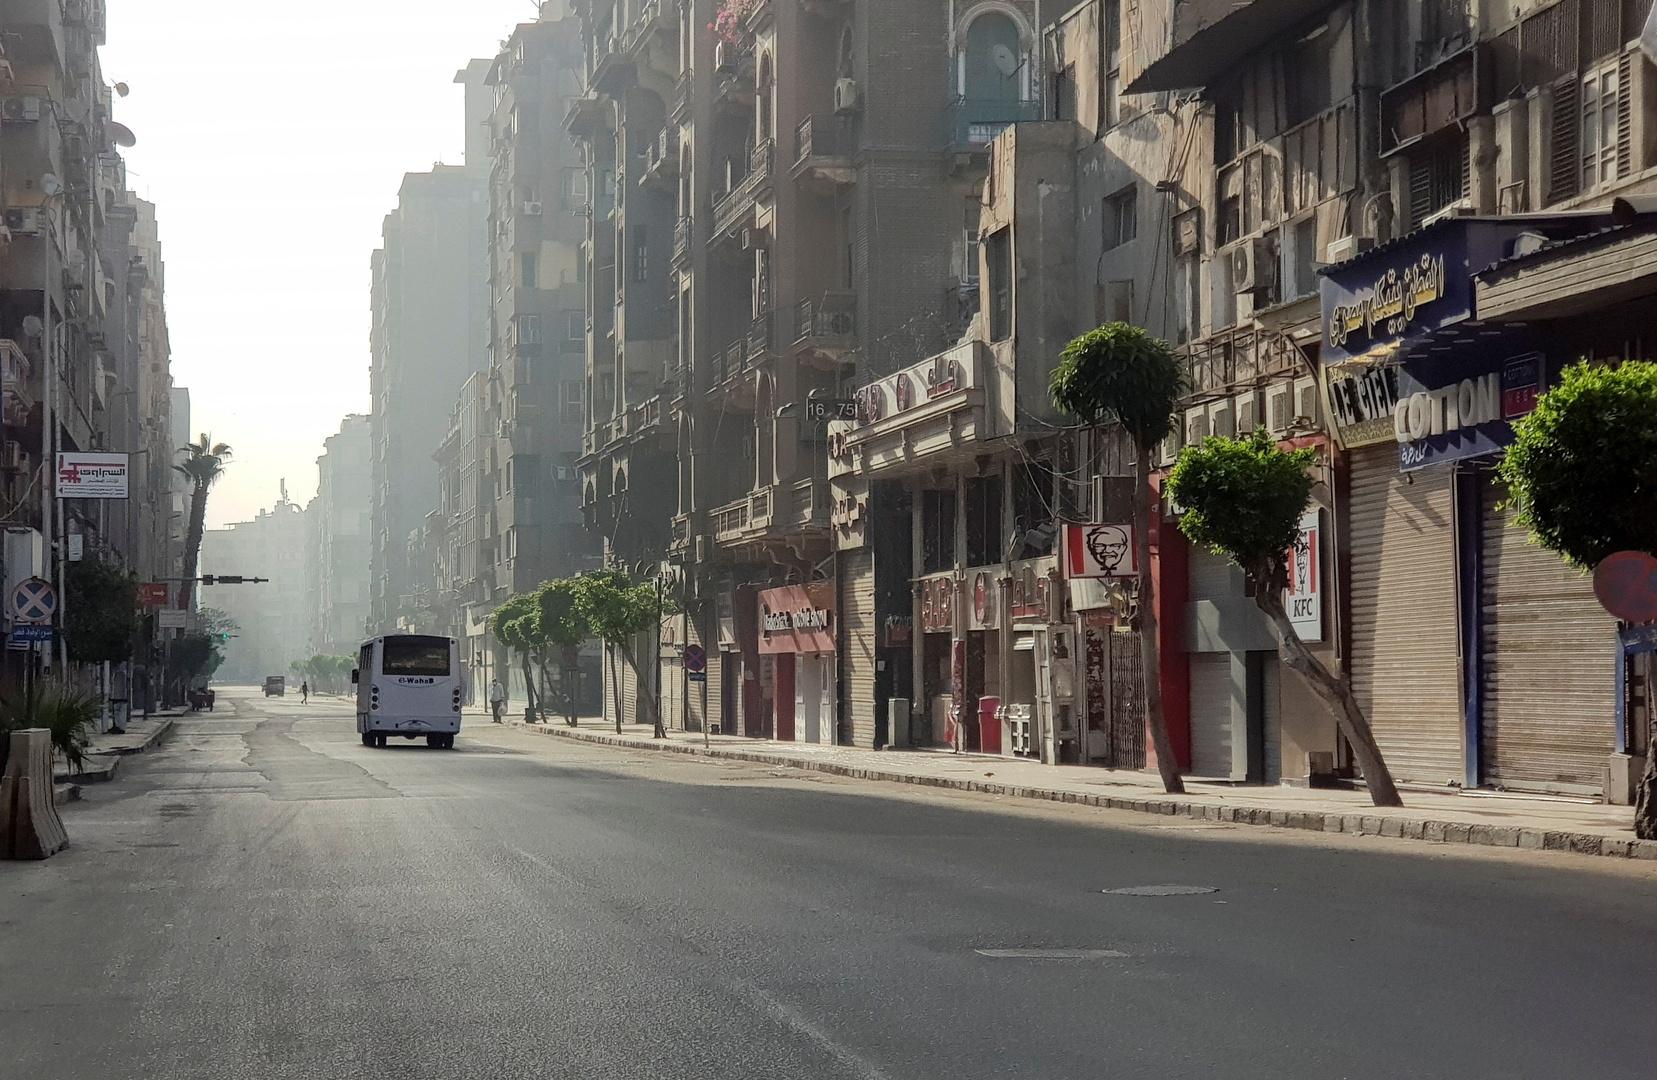 مصر تكشف عن السيارة الأولى من نوعها في البلاد بعد تصنيعها في أشهر مصانع عهد عبد الناصر (صورة)